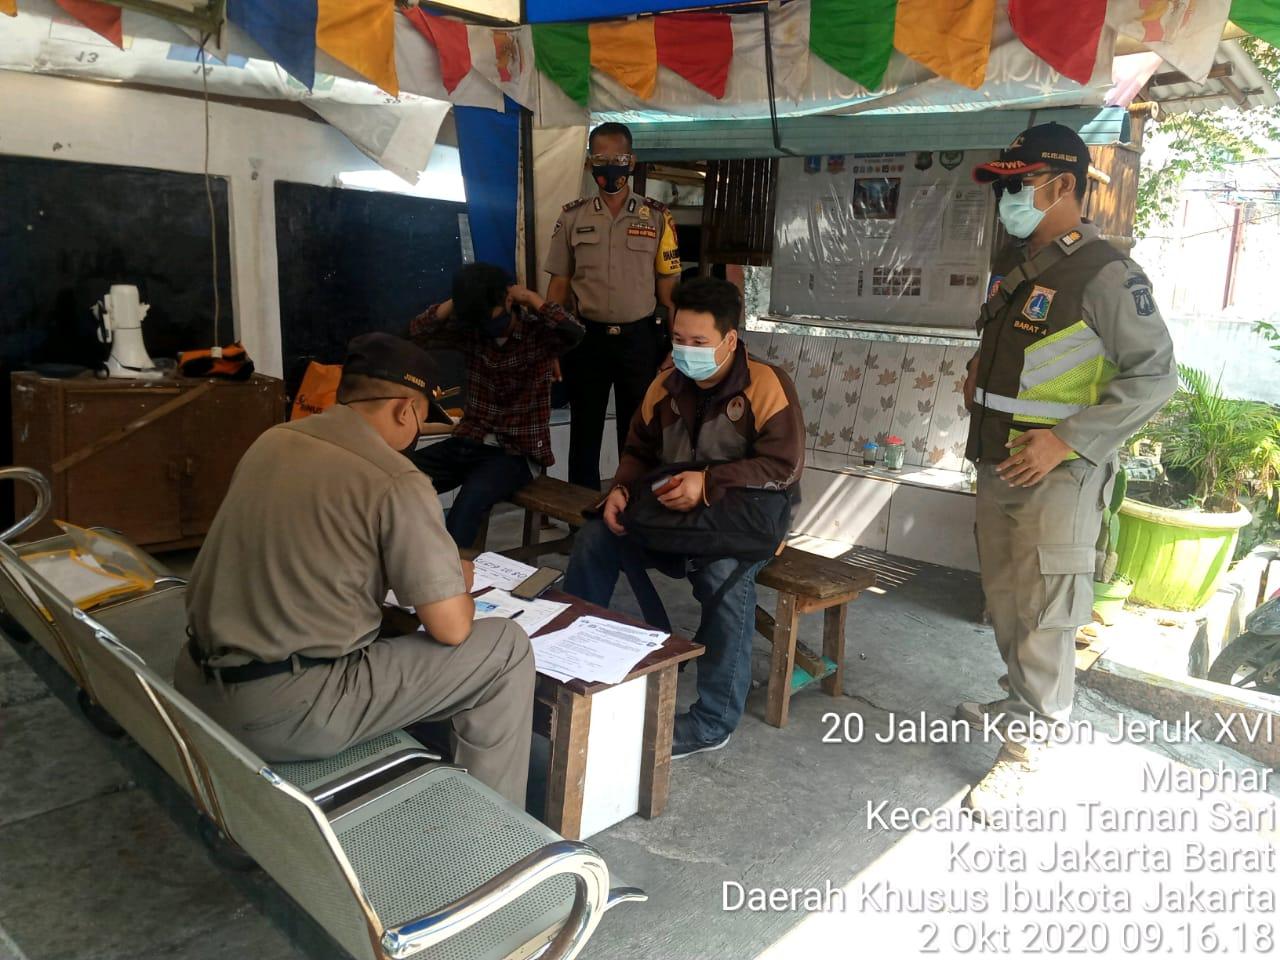 Ops Yustisi di Maphar Tamansari Petugas Jaring 6 Pelanggar Prokes